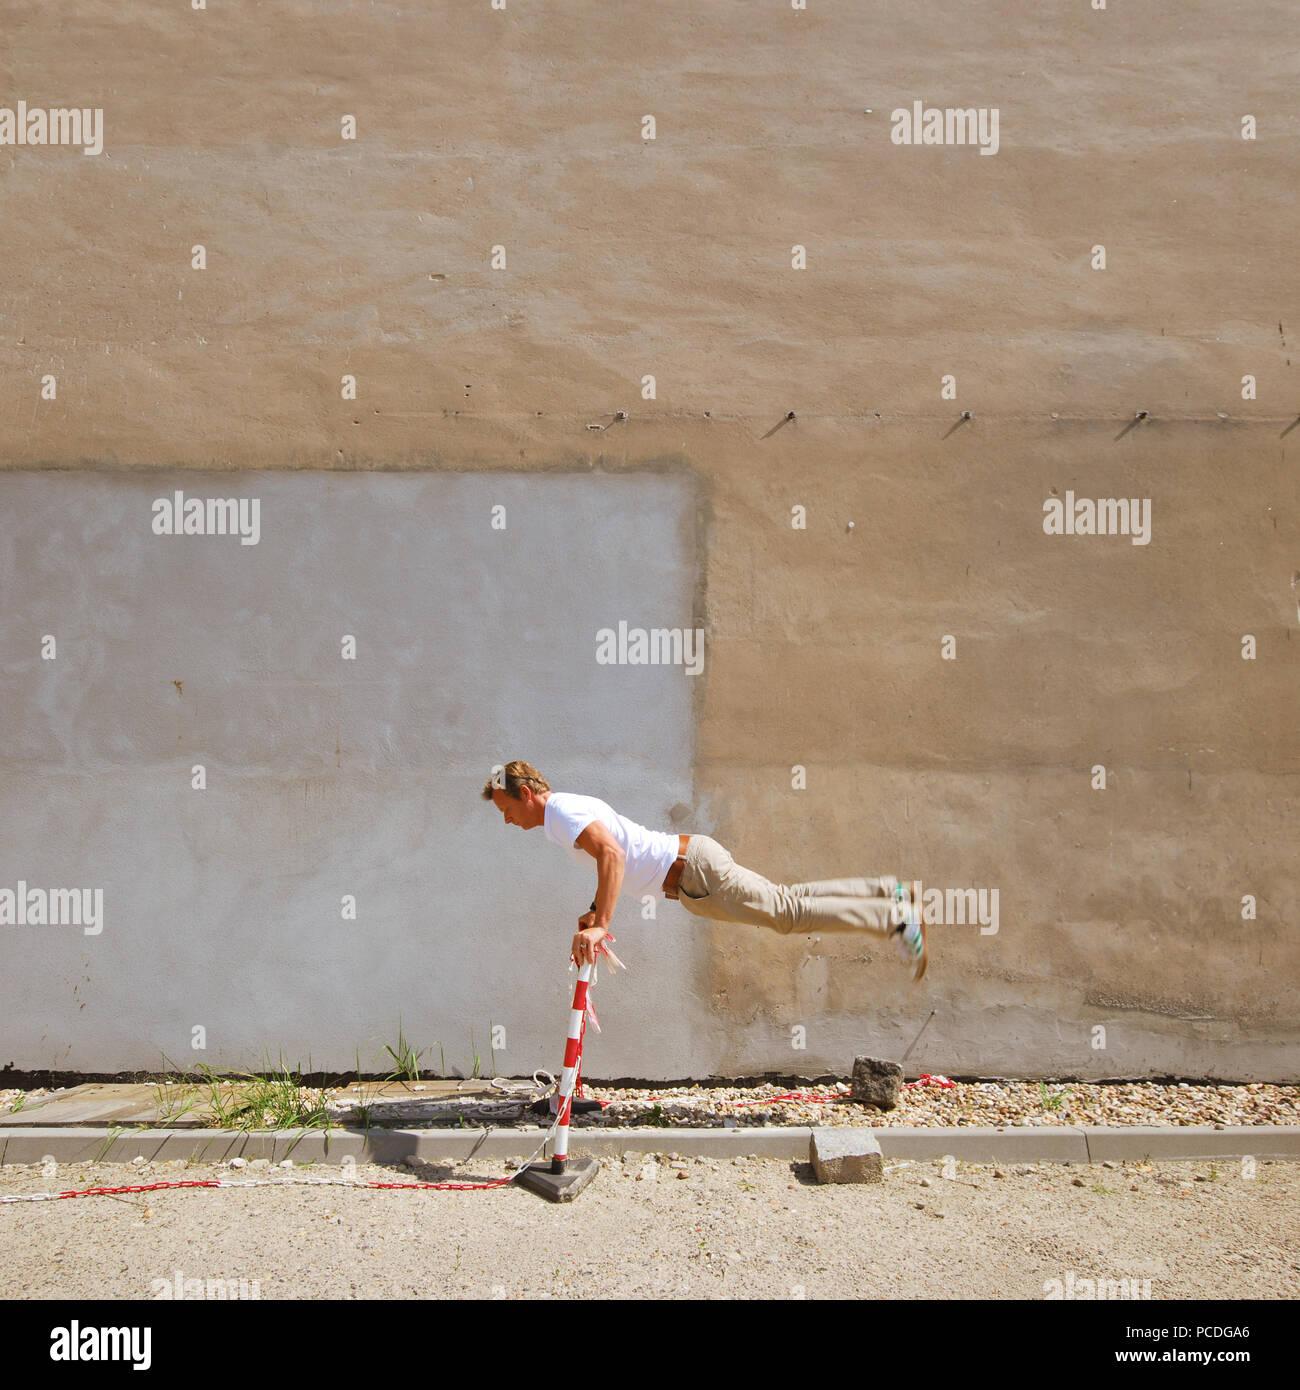 jump,gymnastics,parkour - Stock Image